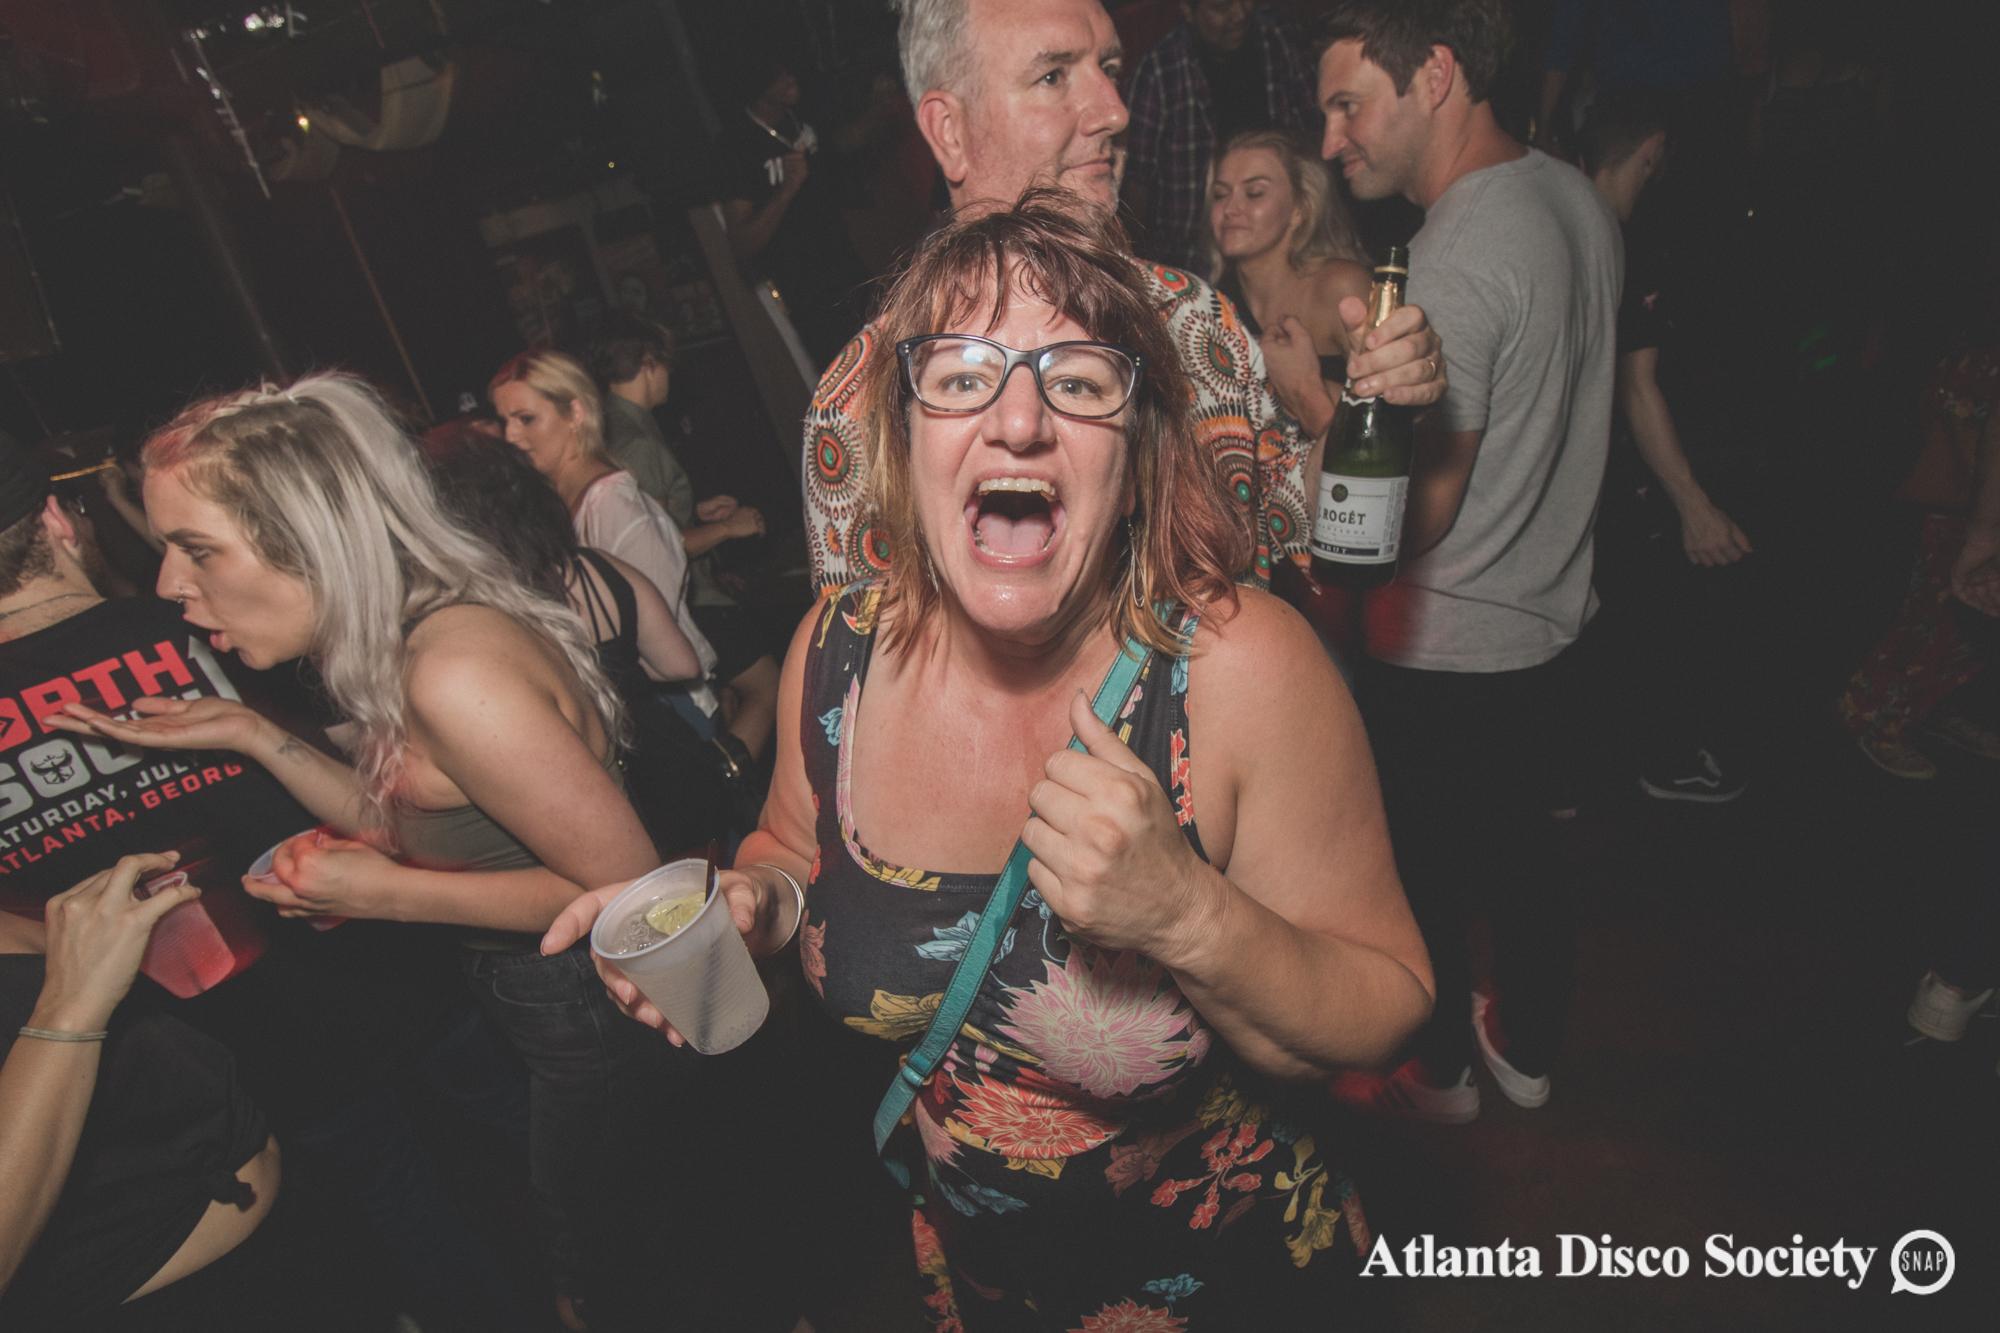 49Atlanta Disco Society Grace Kelly Oh Snap Kid 7.27.19.jpg